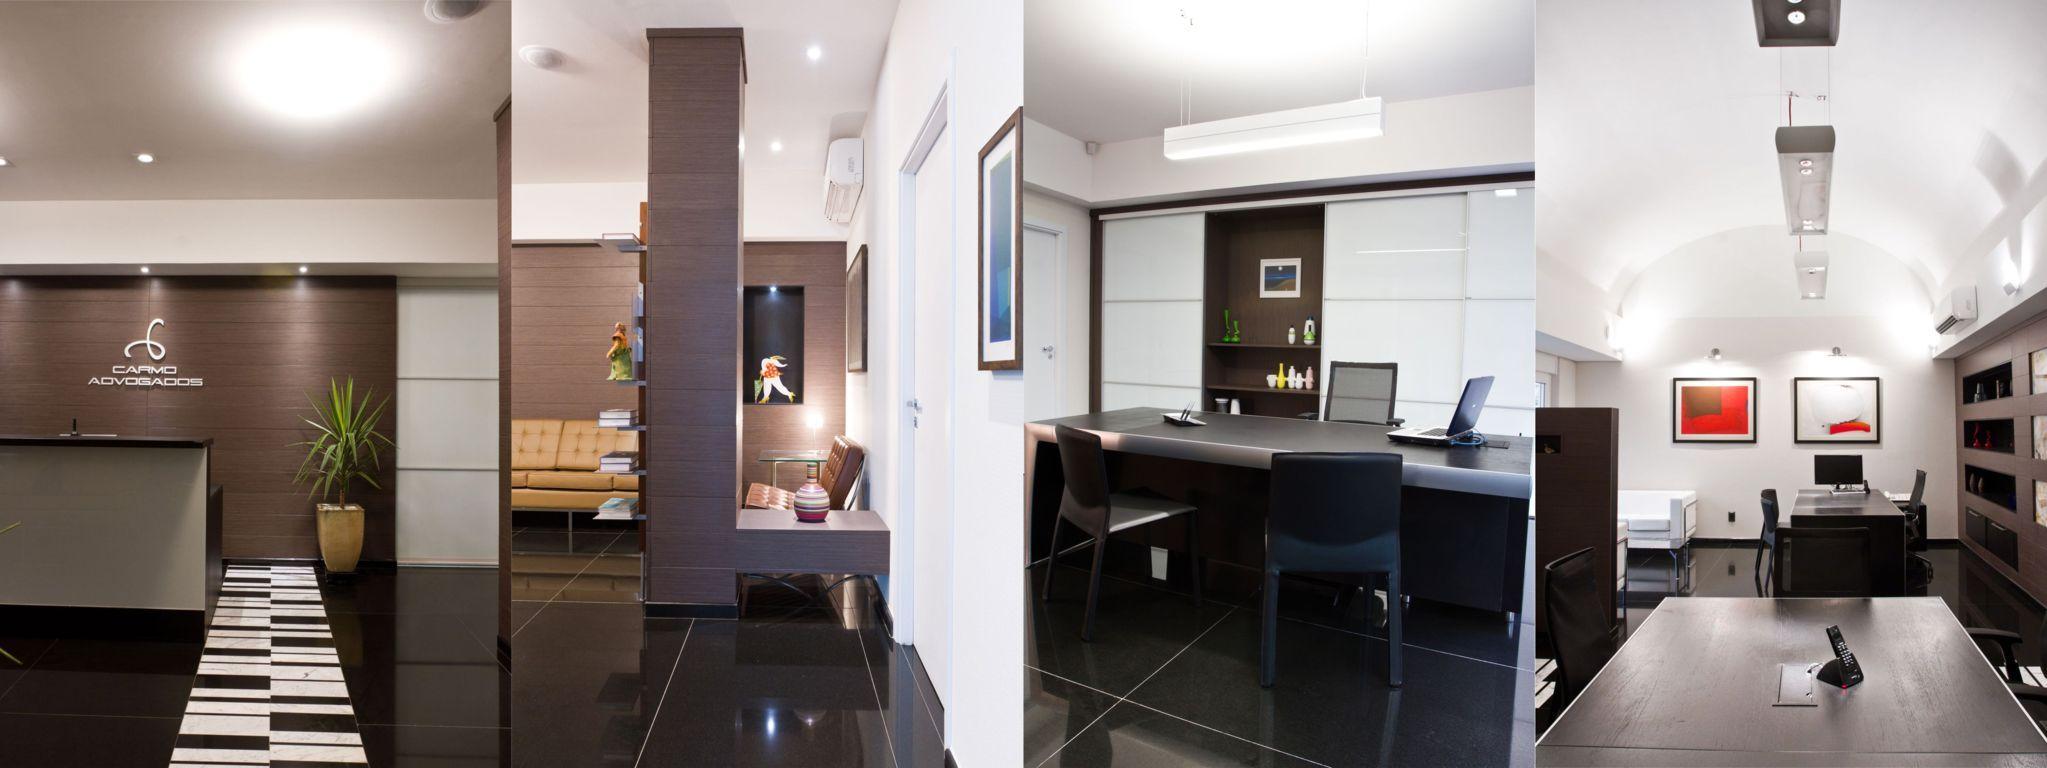 escritorios-decoracao-design de interiores 8